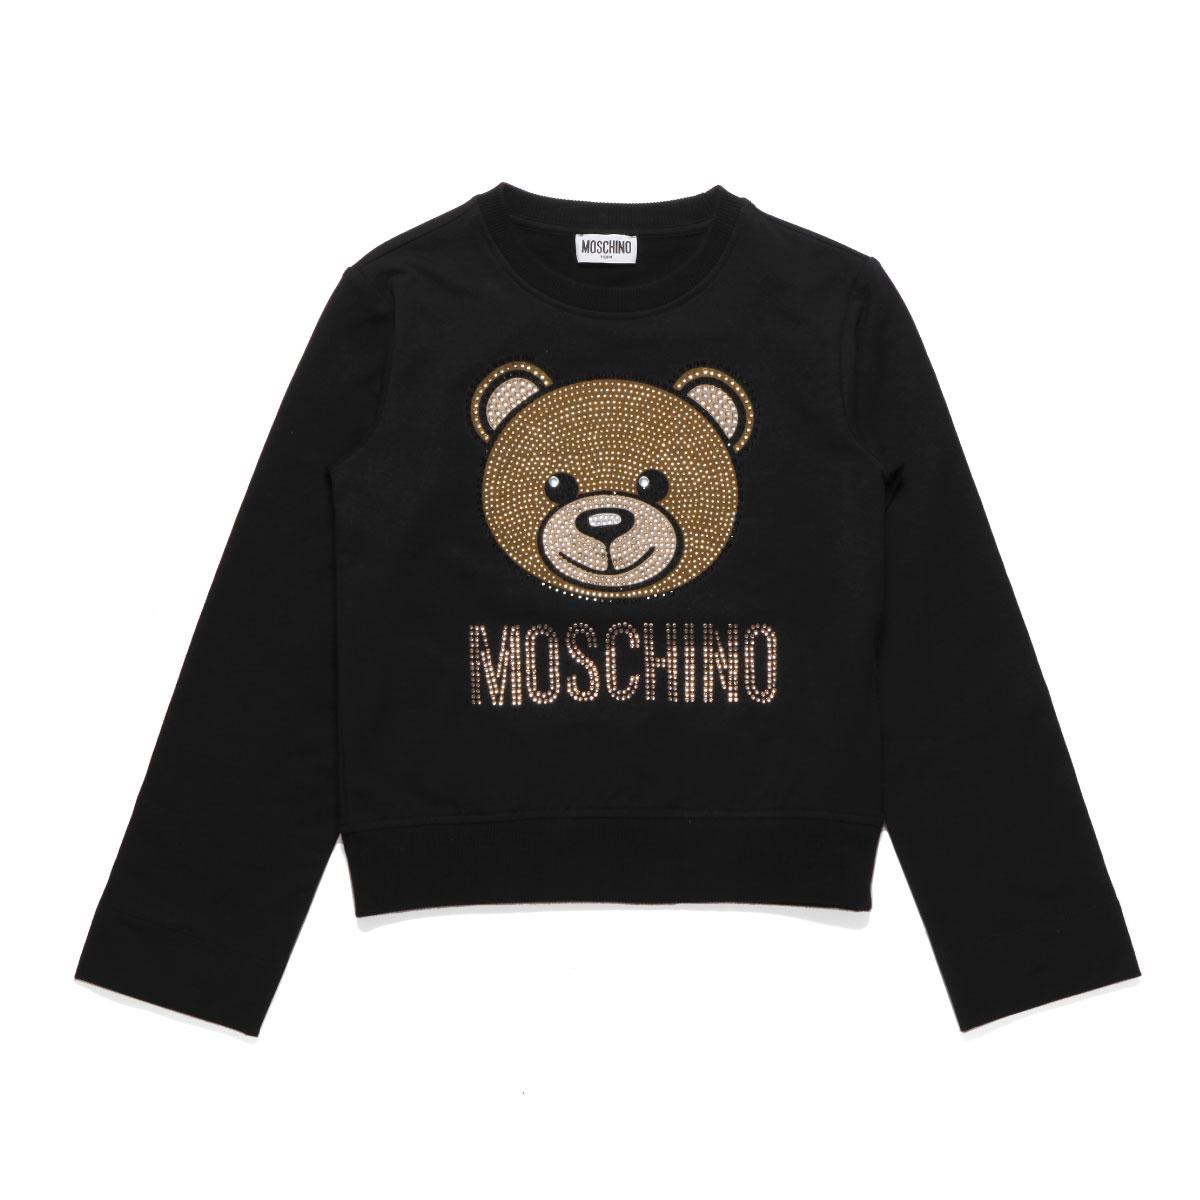 モスキーノ MOSCHINO スウェット キッズ ガールズ HDF025 LDA20 60100 長袖スウェット BLACK ブラック 10A-12A